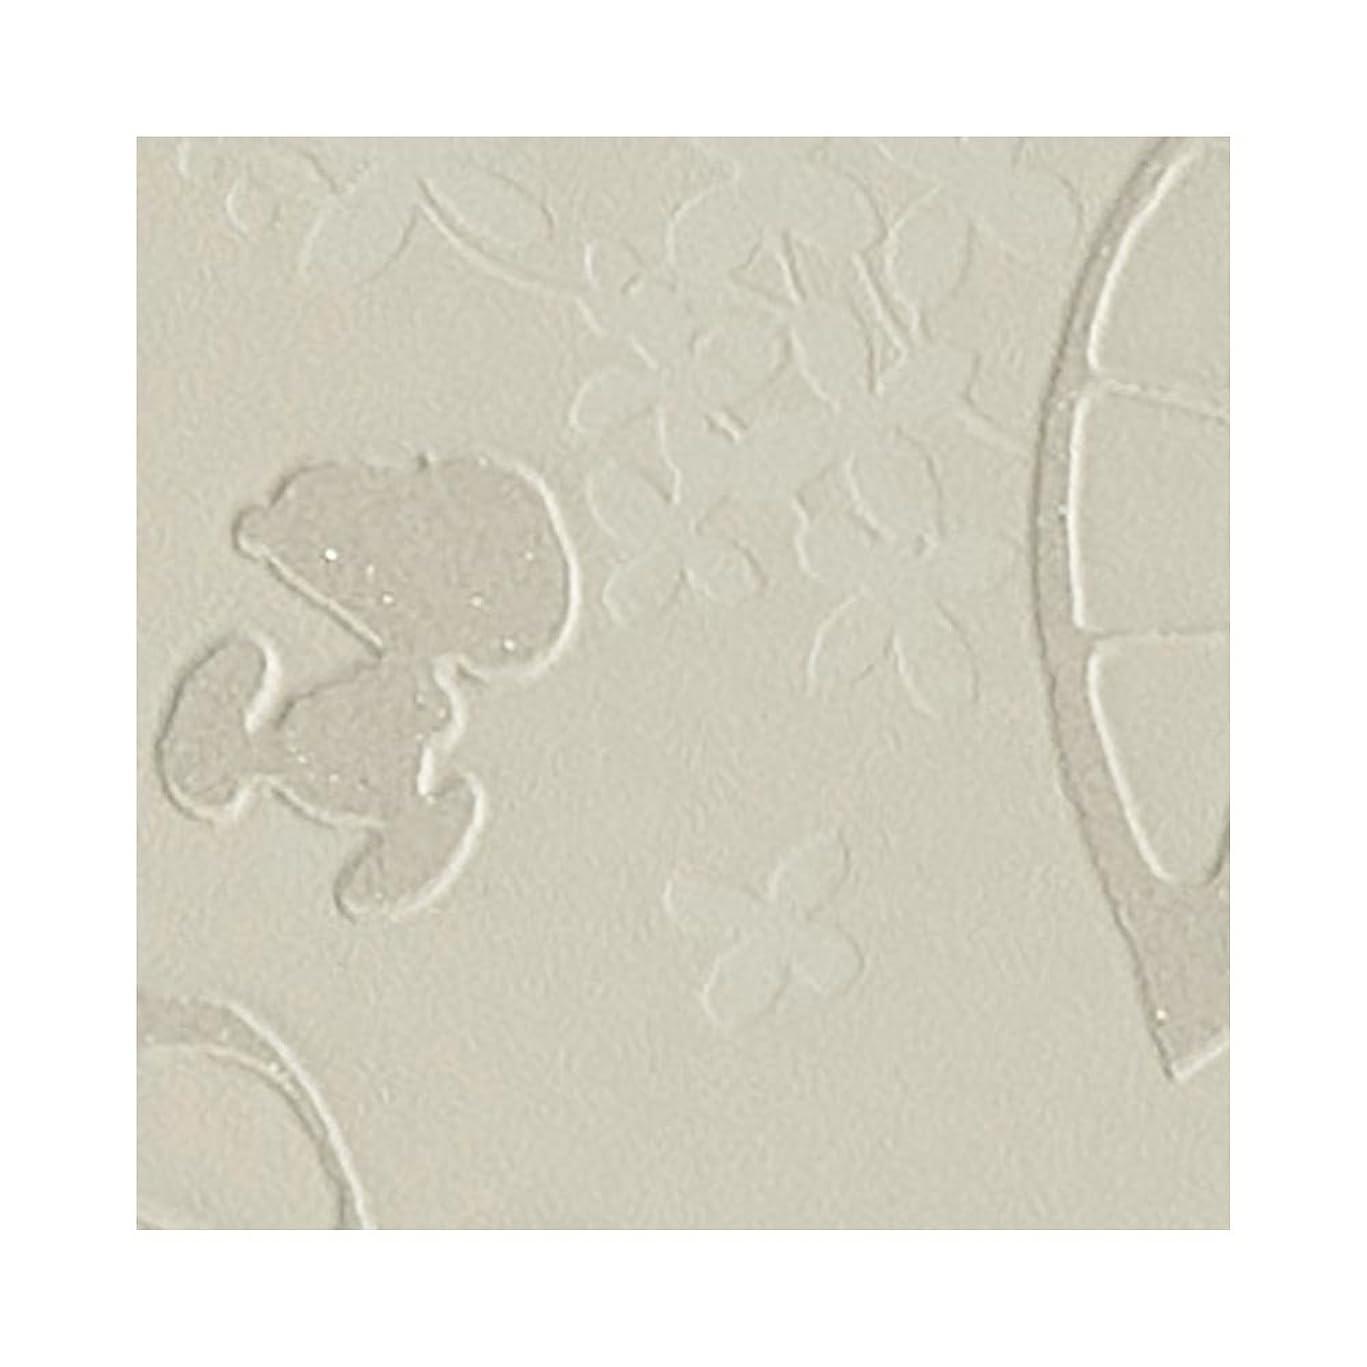 焦げブリード計画的壁紙 クロス サンゲツ リザーブ スヌーピー 1m単位 【CC-RE2750】 JQ5